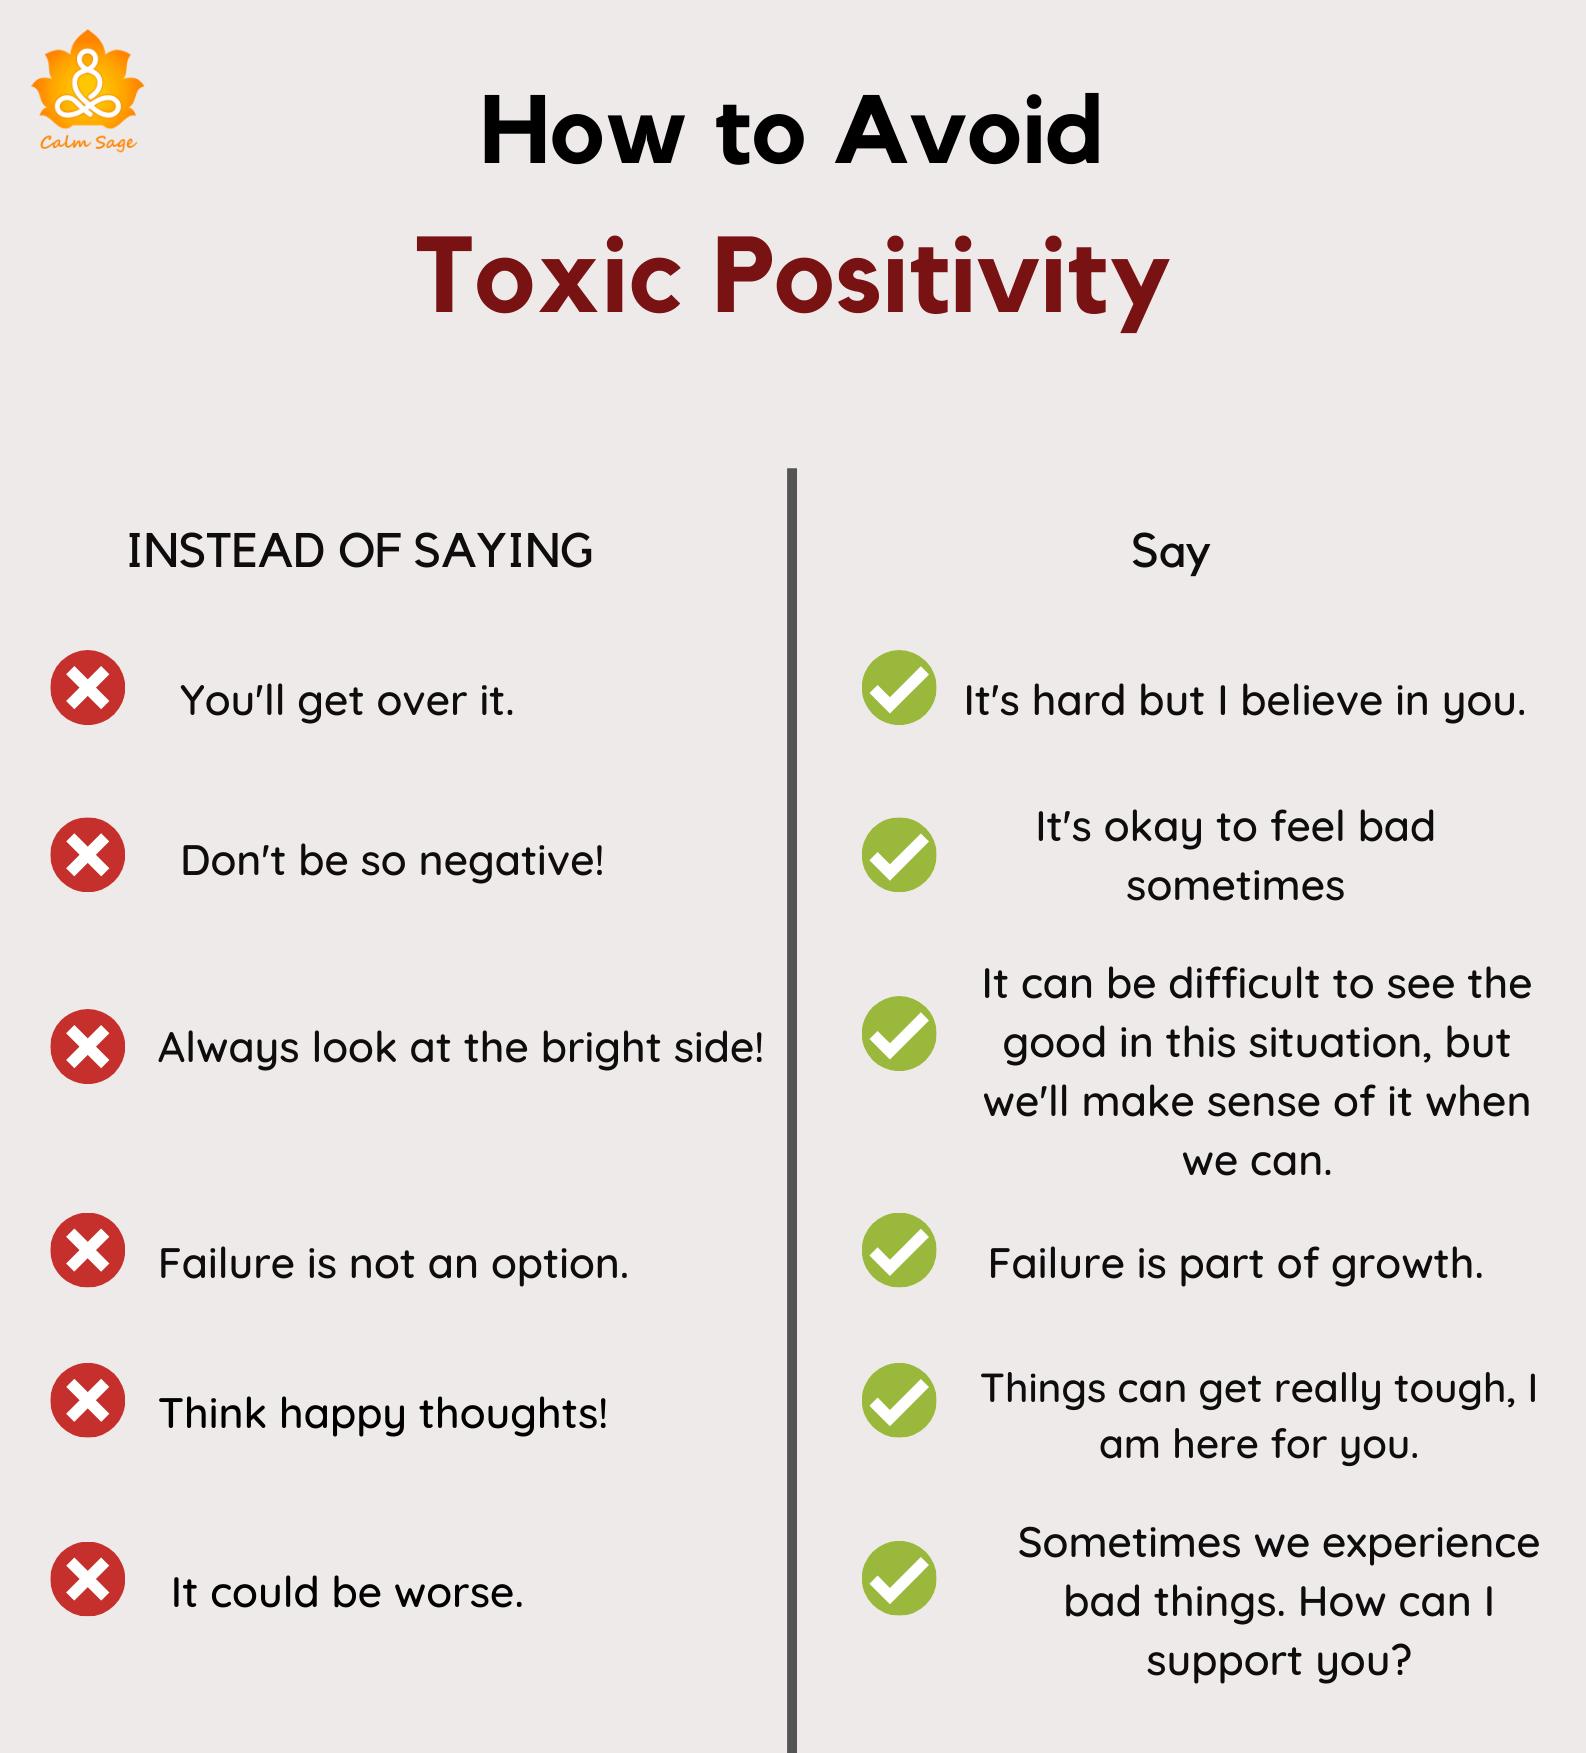 HOW TO AVOID TOXIC POSITIVITY